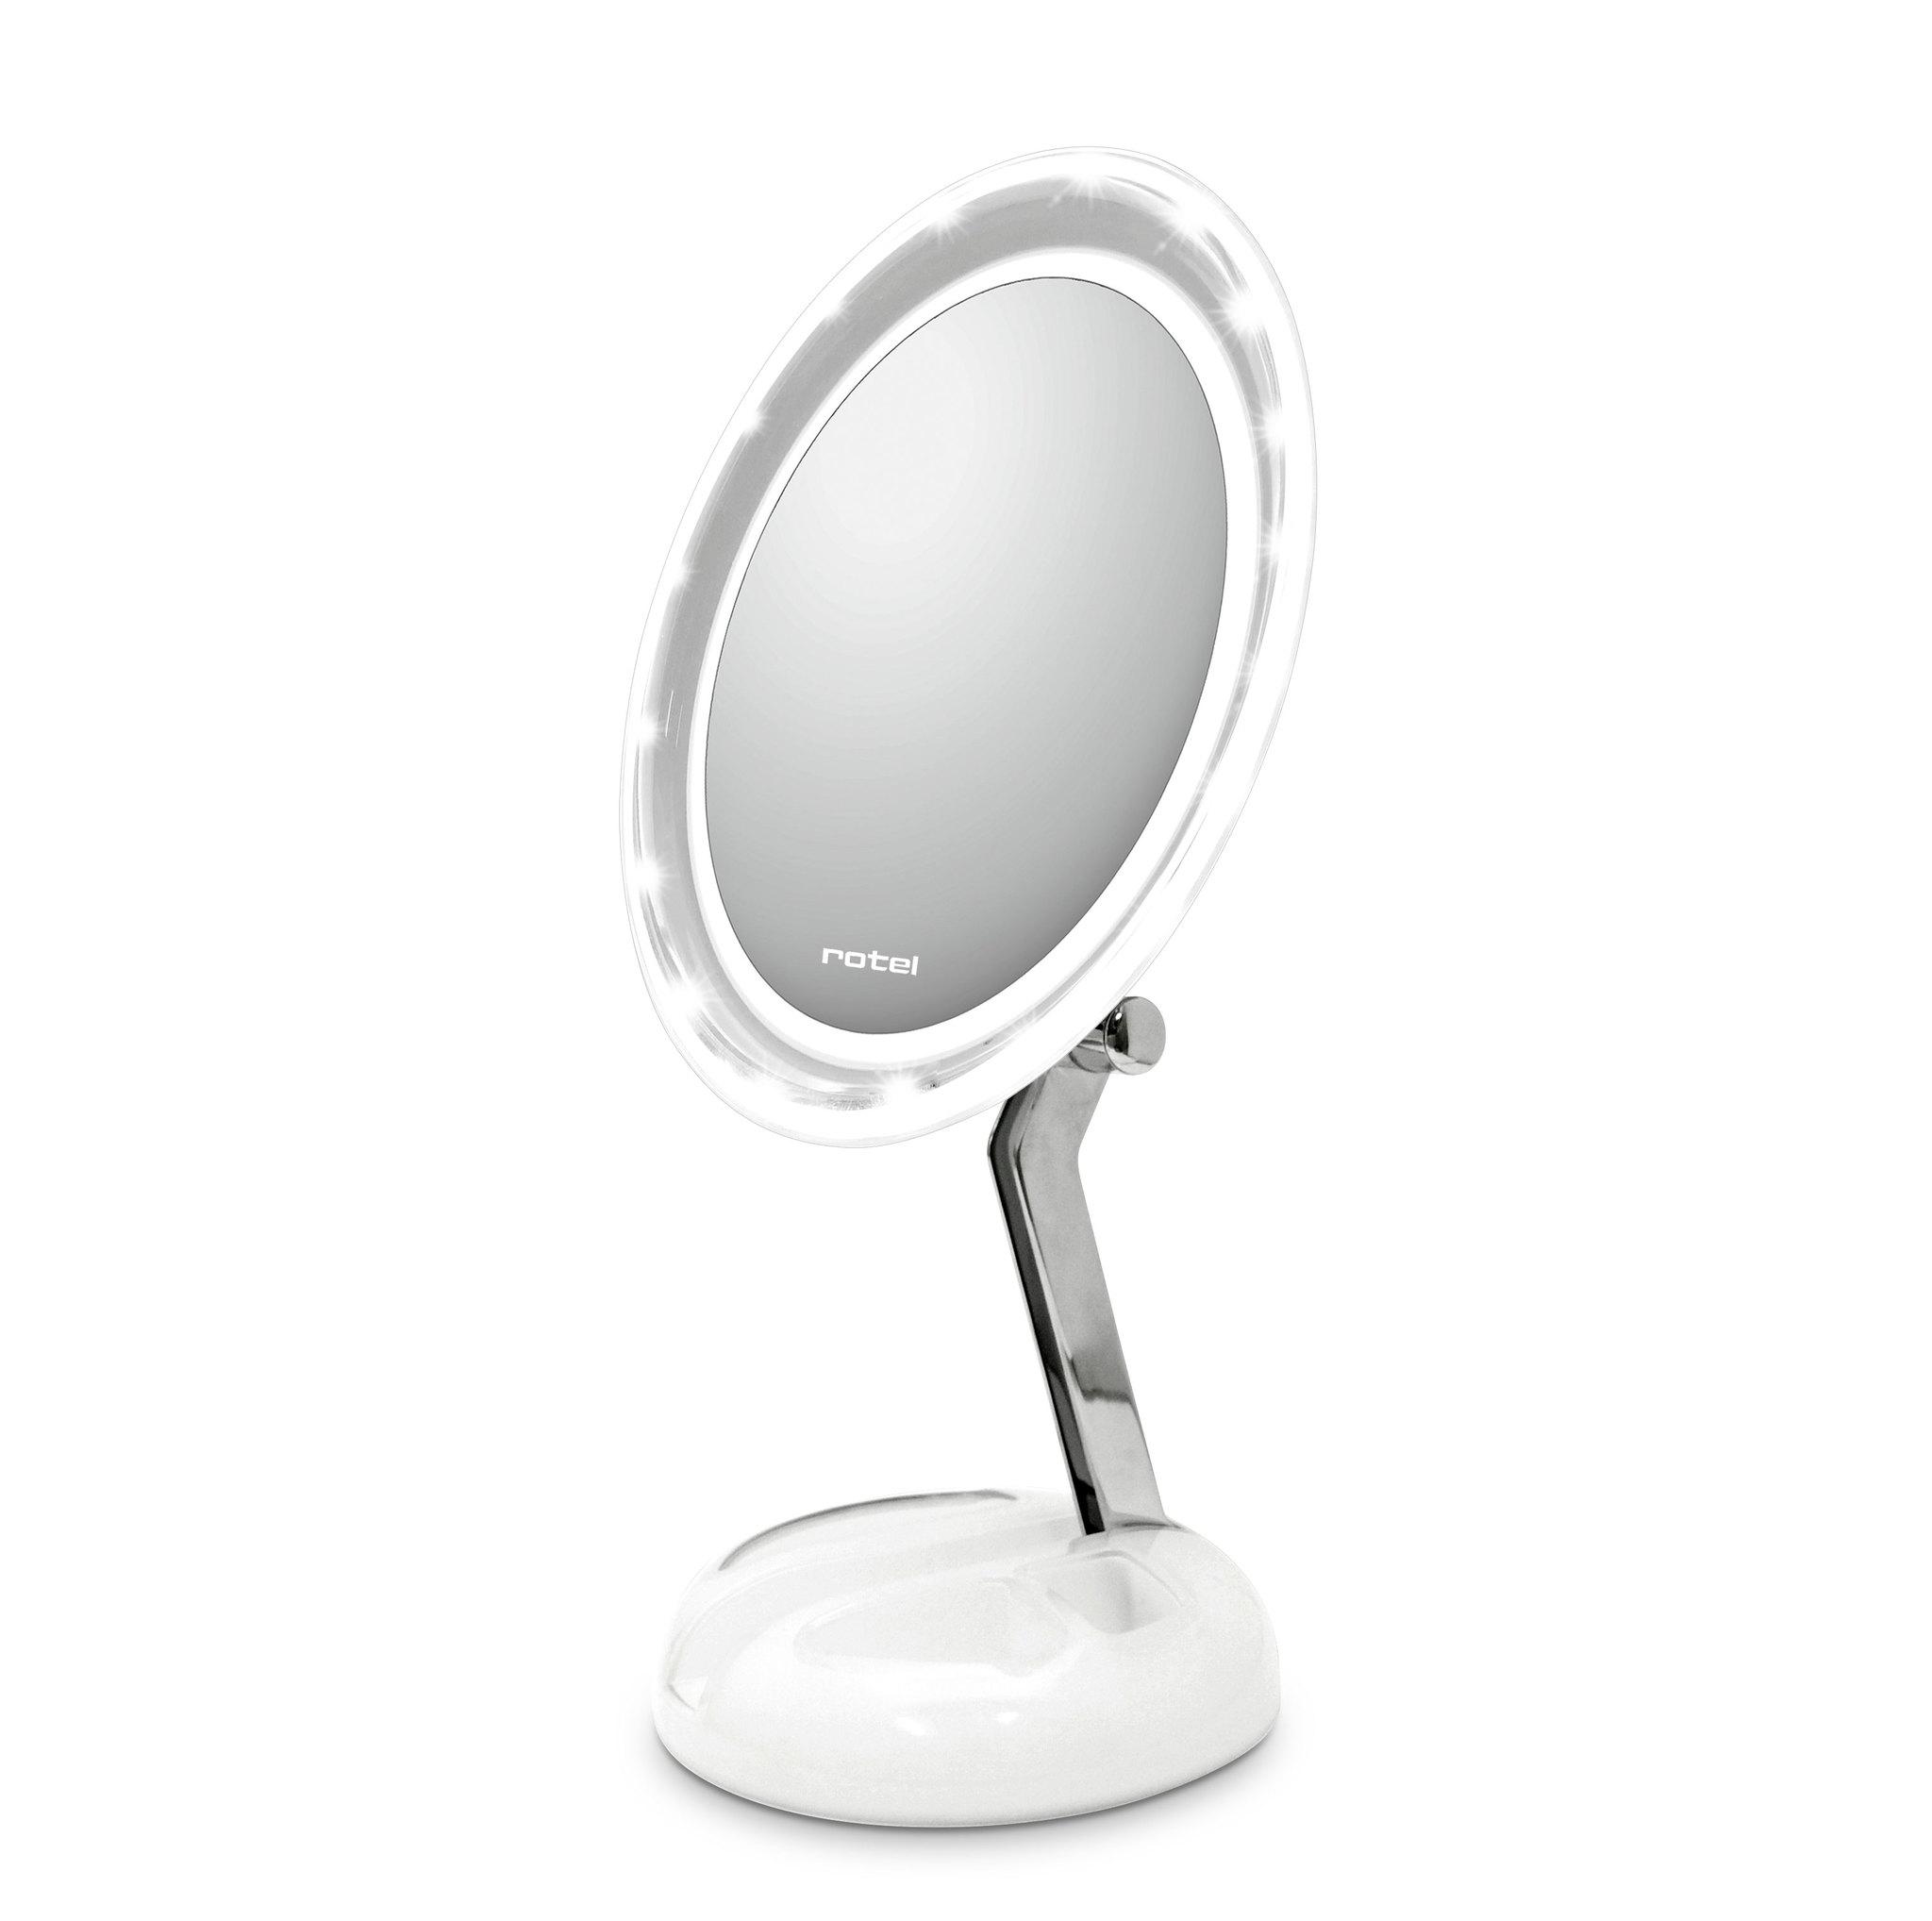 rotel Kosmetikspiegel beleuchtet faltbar